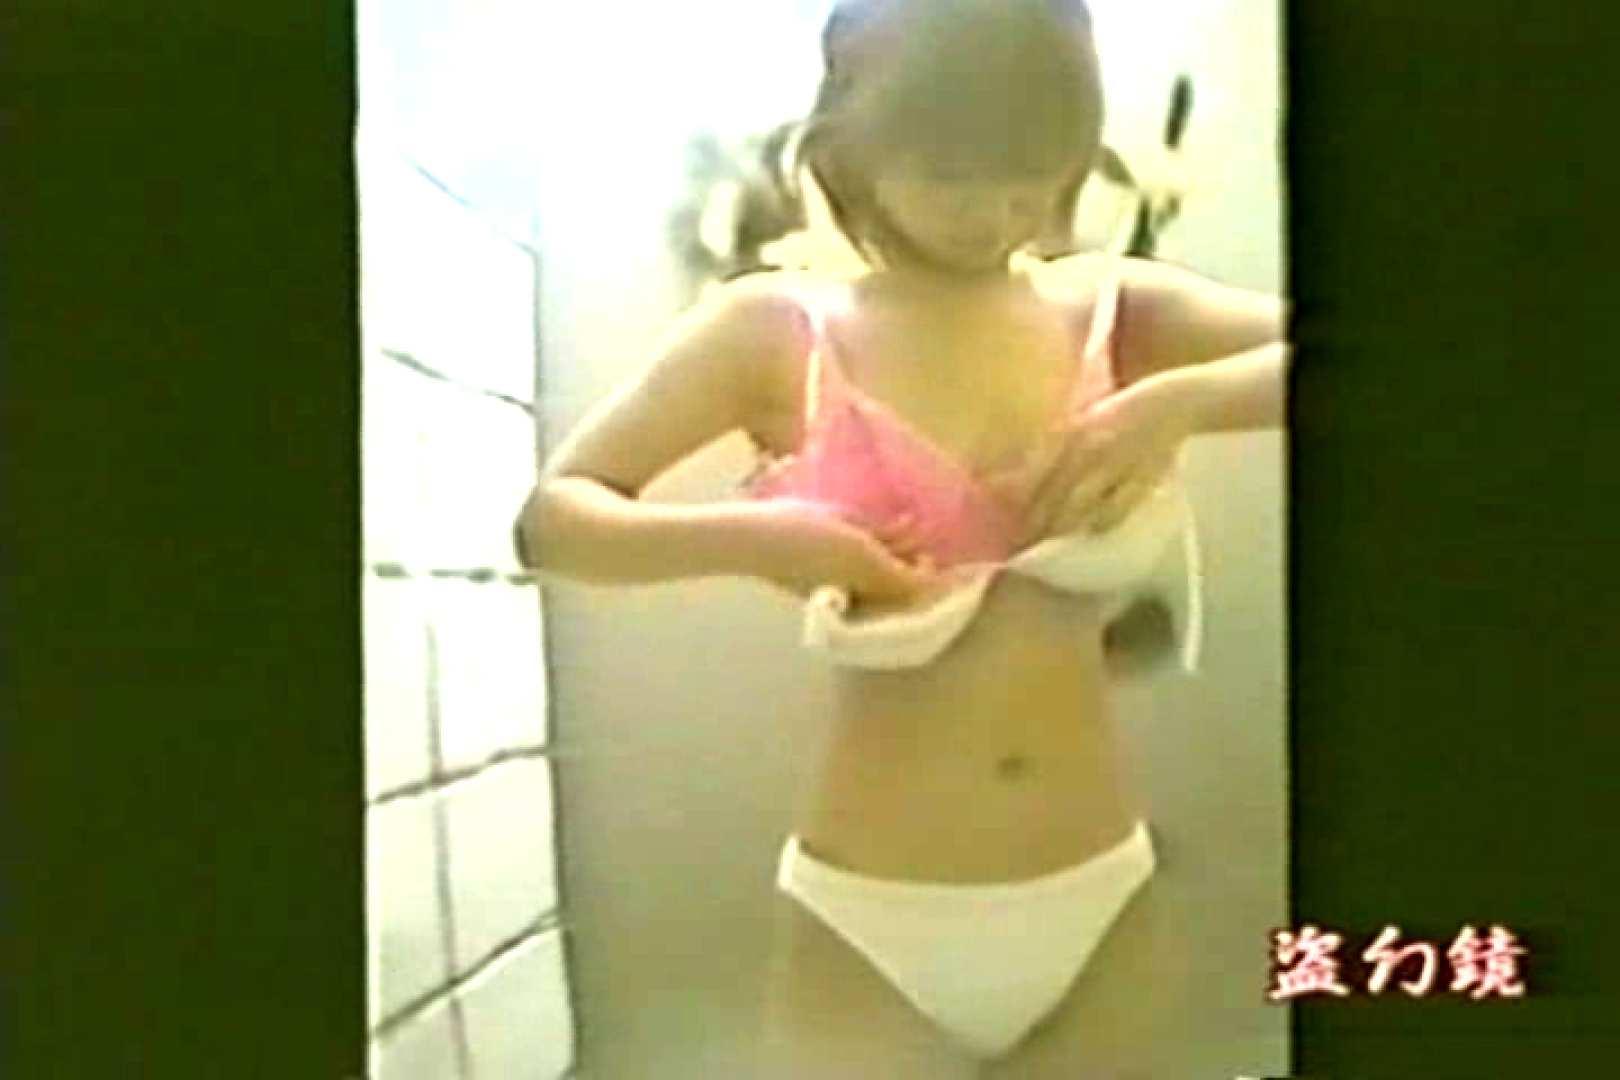 水着ギャル和式女子大生● MT-1 フリーハンド すけべAV動画紹介 103pic 97